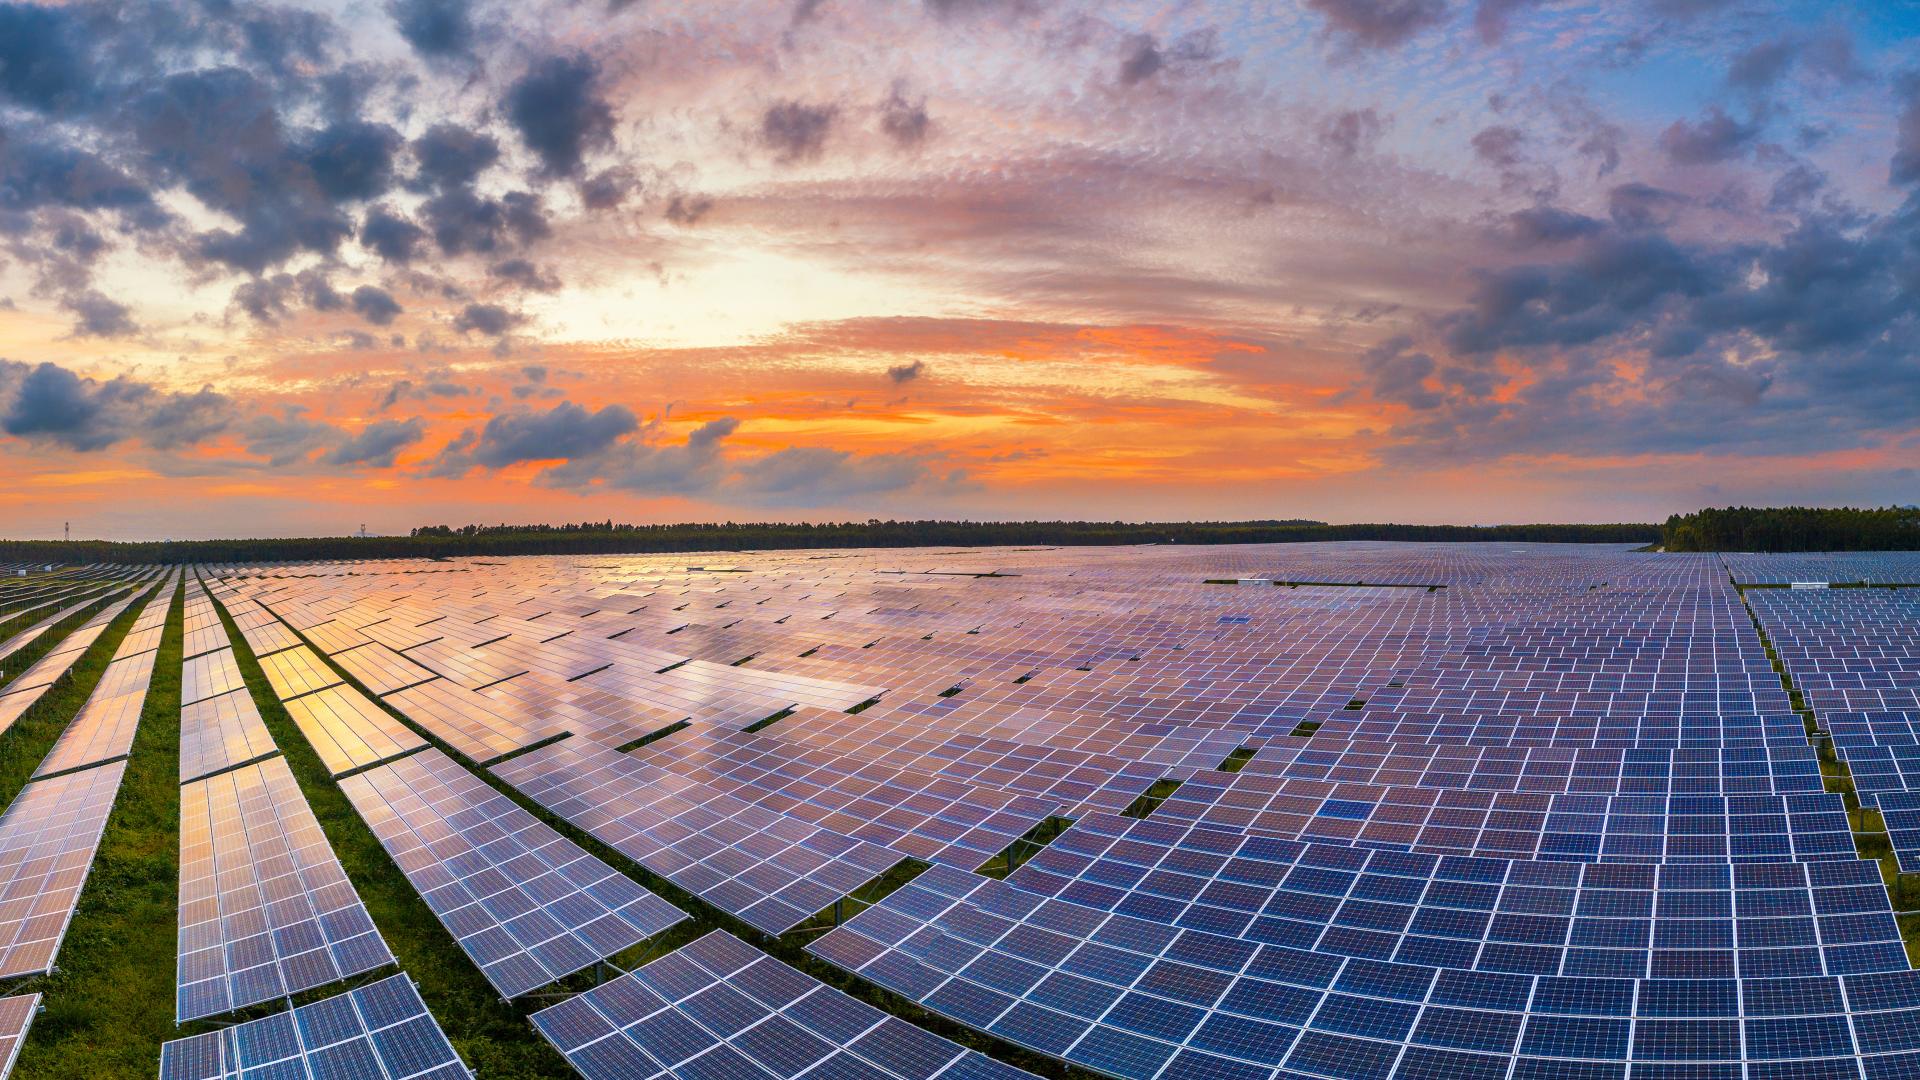 Brasil atinge marca histórica e entra na lista dos 15 maiores países em energia solar